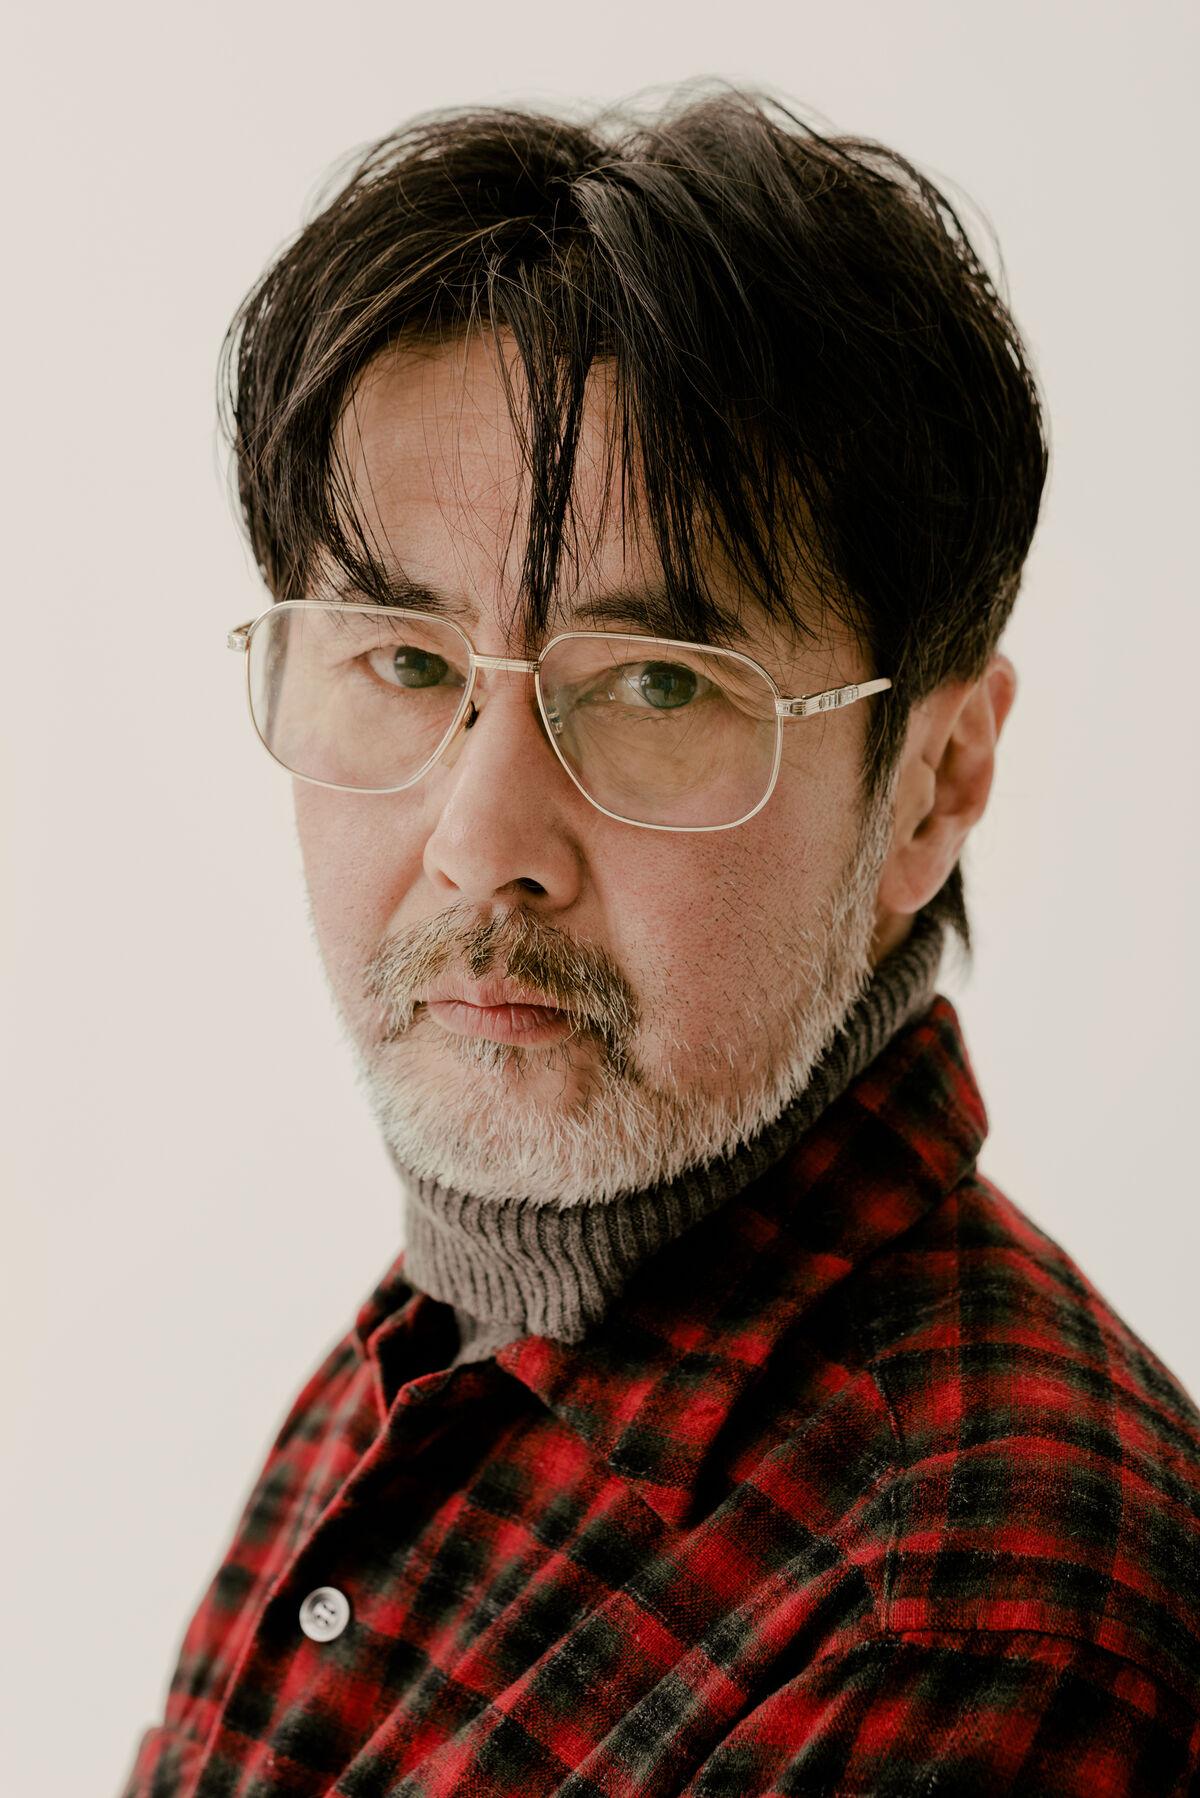 Yuji Agematsu by Daniel Dorsa for Artsy.